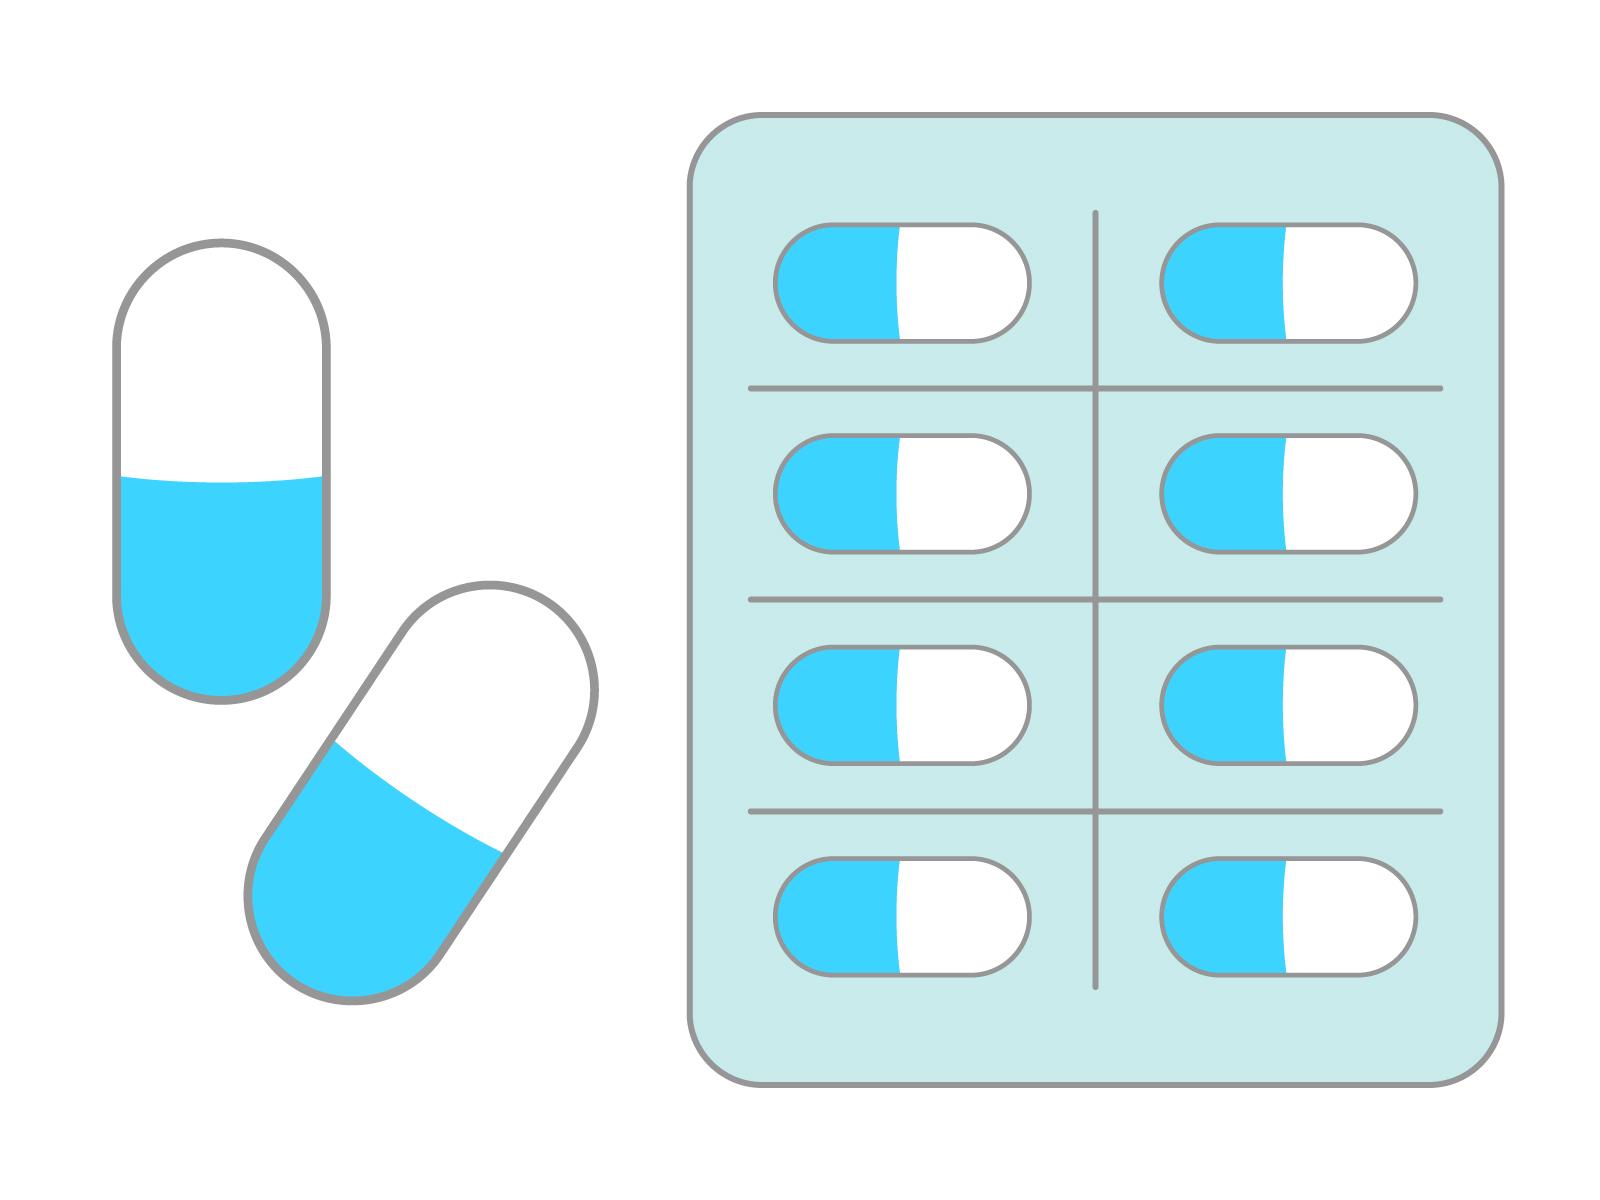 抗生物質クラピットによるアナフィラキシーで蕁麻疹と呼吸困難に